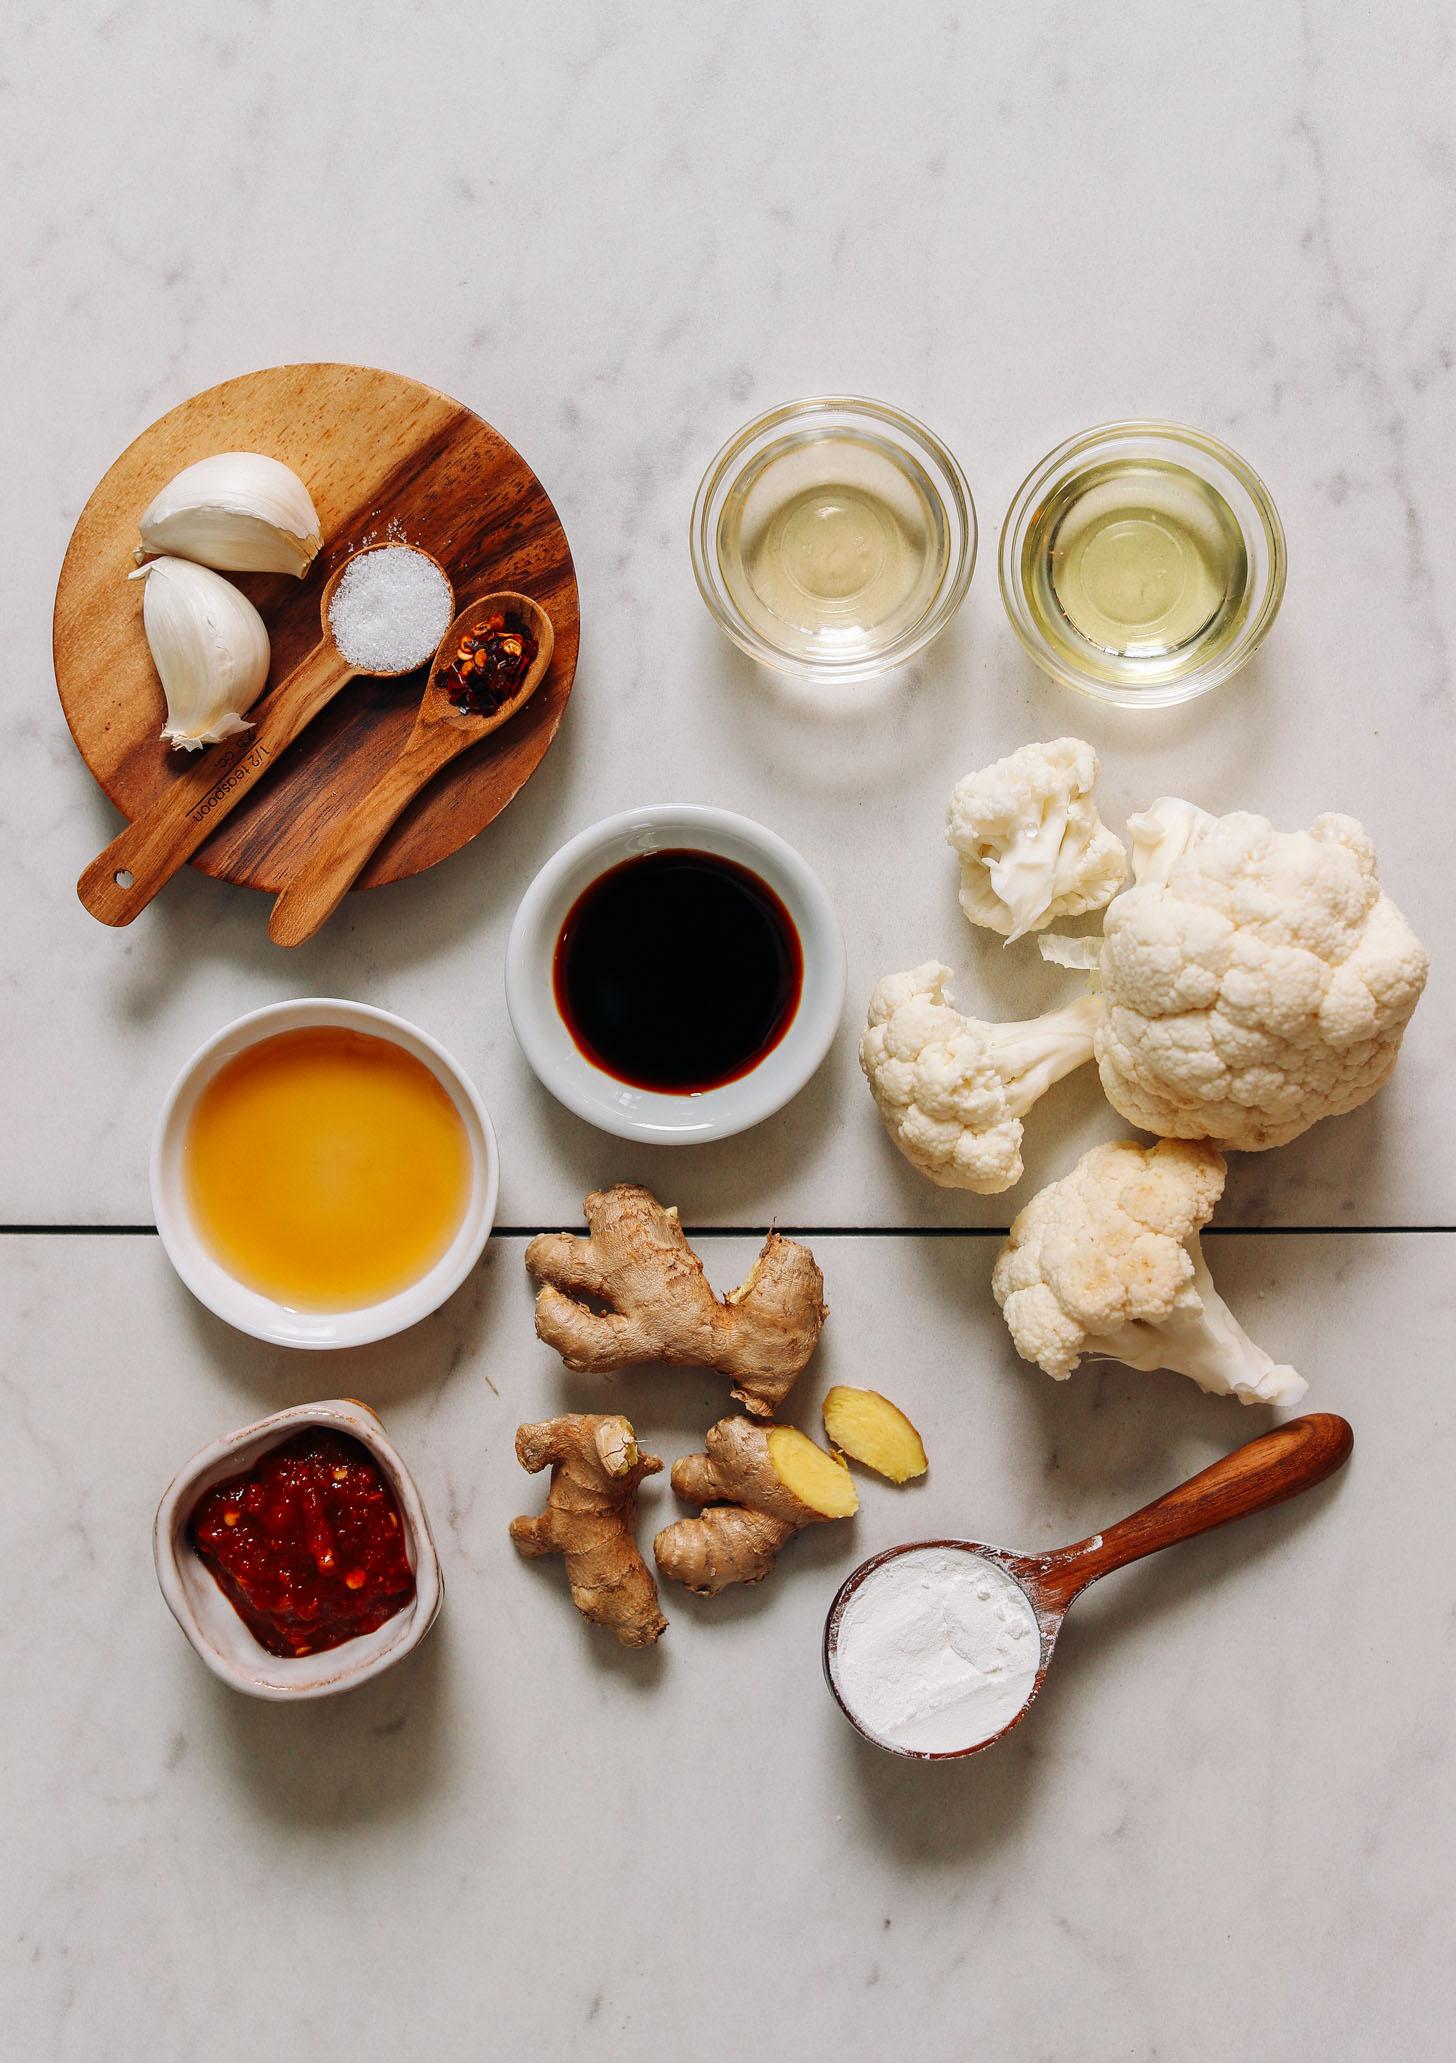 Fokhagyma, pirospaprika pehely, só, avokádóolaj, tamari, rizsecet, juharszirup, chili fokhagymamártás, gyömbér, kukoricakeményítő és karfiol